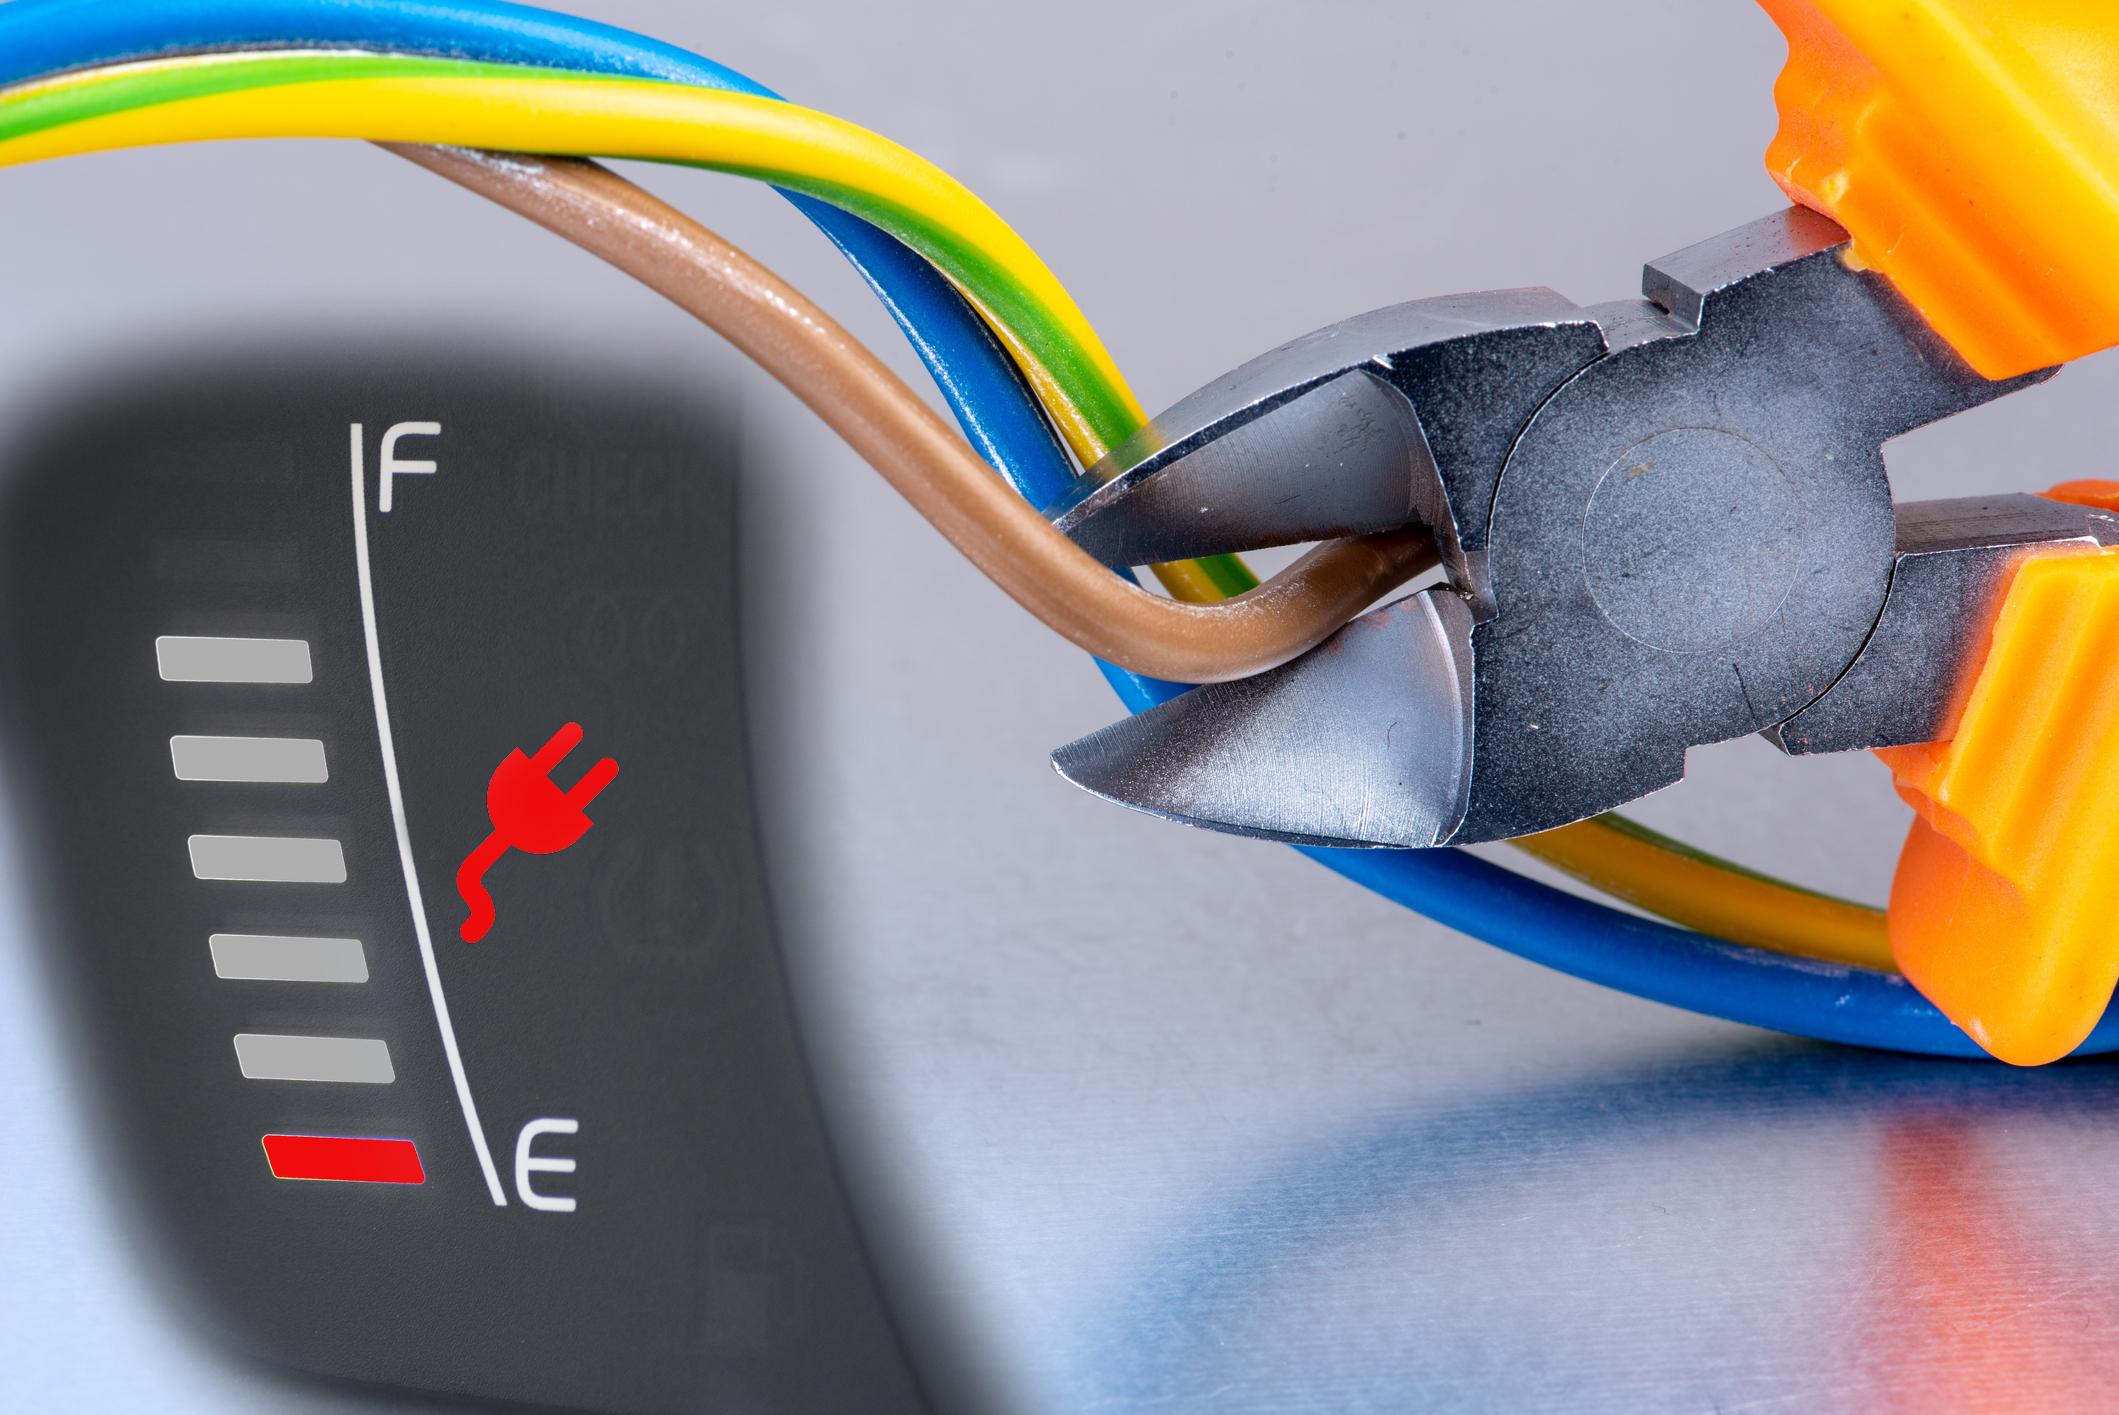 """Ab 2021: """"Sie laden ab sofort mit reduzierter Stromstärke"""" – Strom-Rationierung für private E-Autos?"""